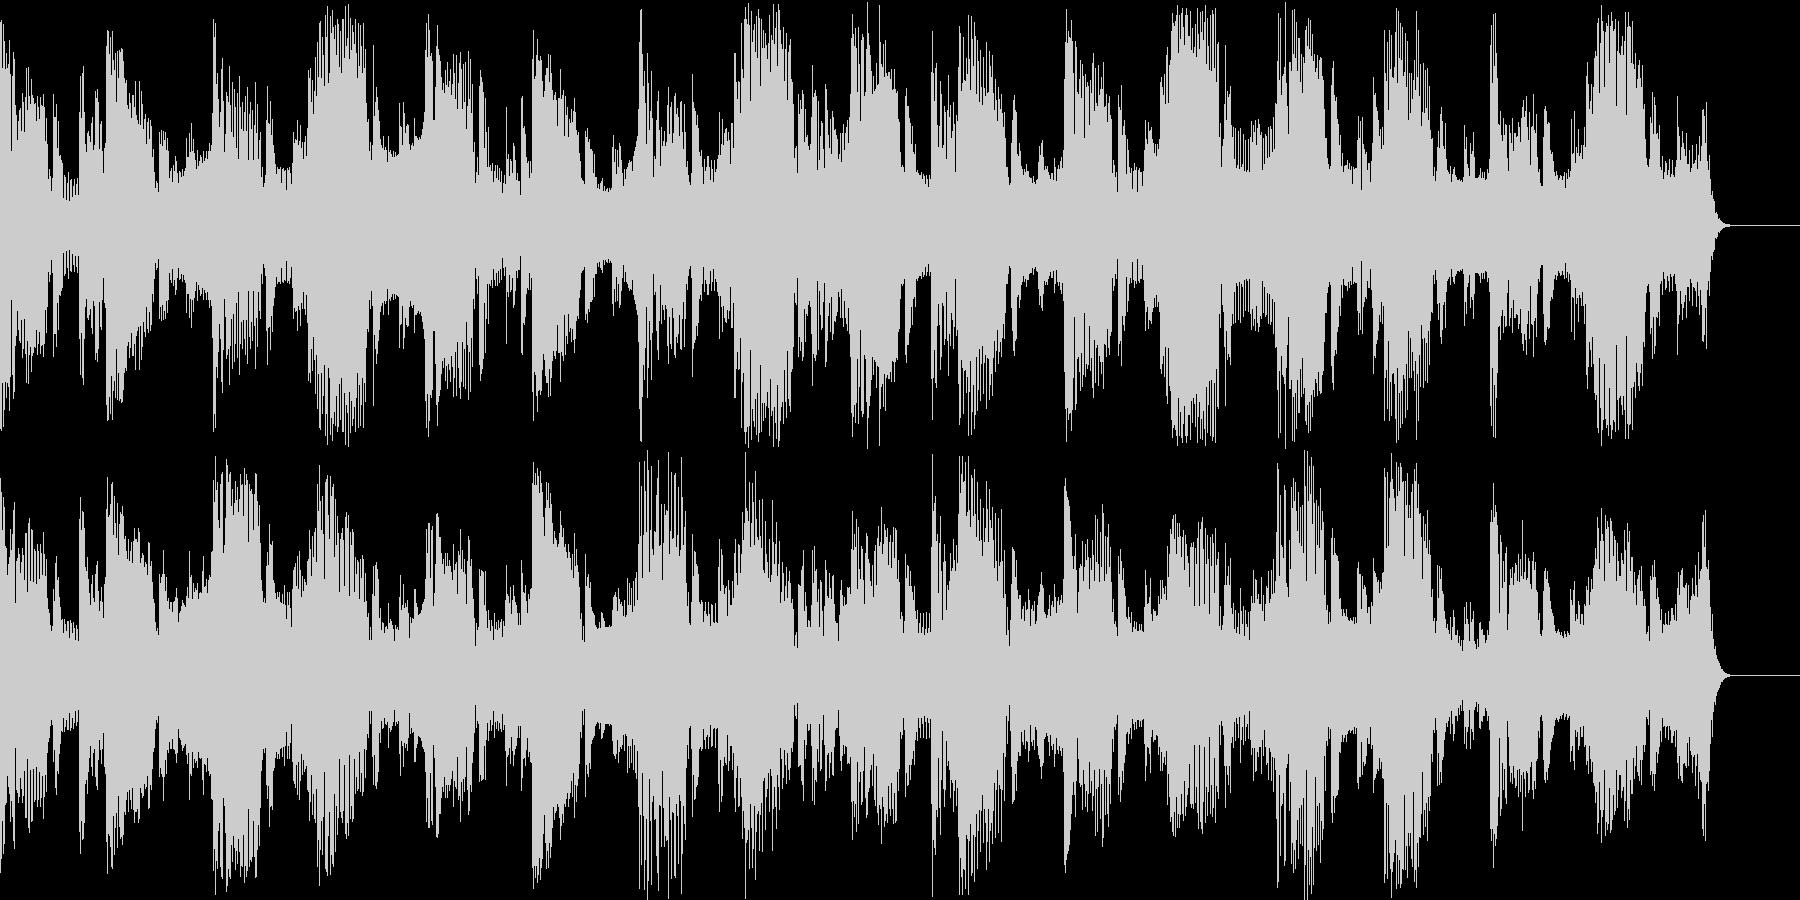 テクノとロックの融合したBGMの未再生の波形